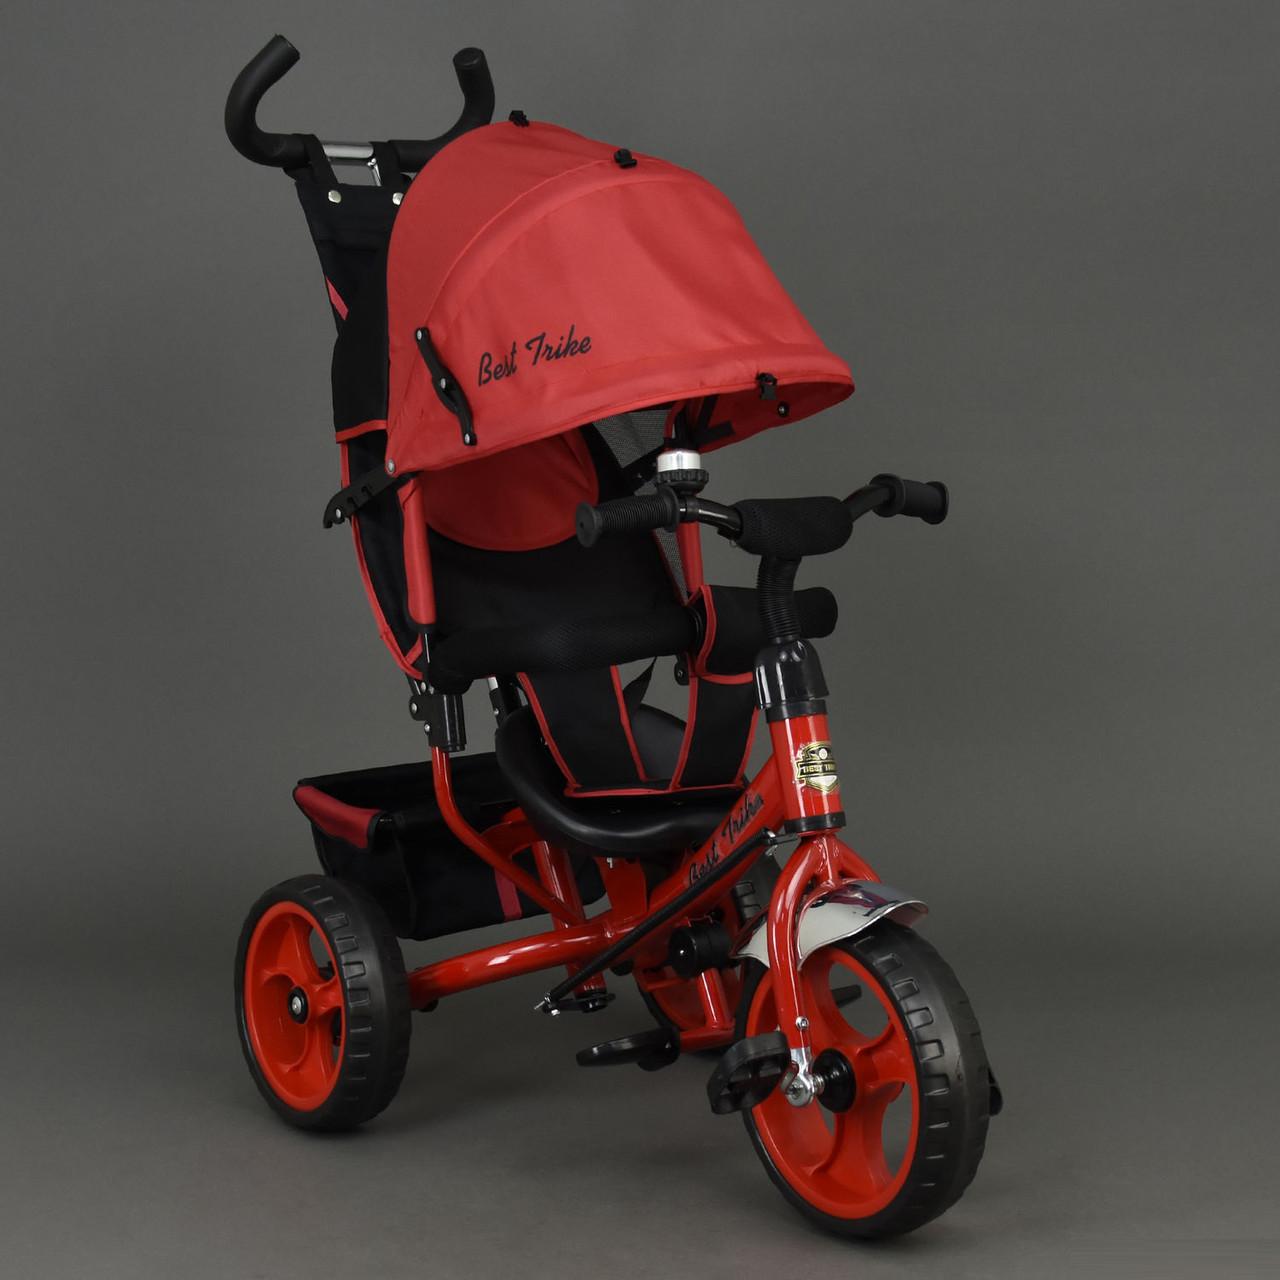 Детский трехколесный велосипед Best Trike 6570 красный (колеса пена)